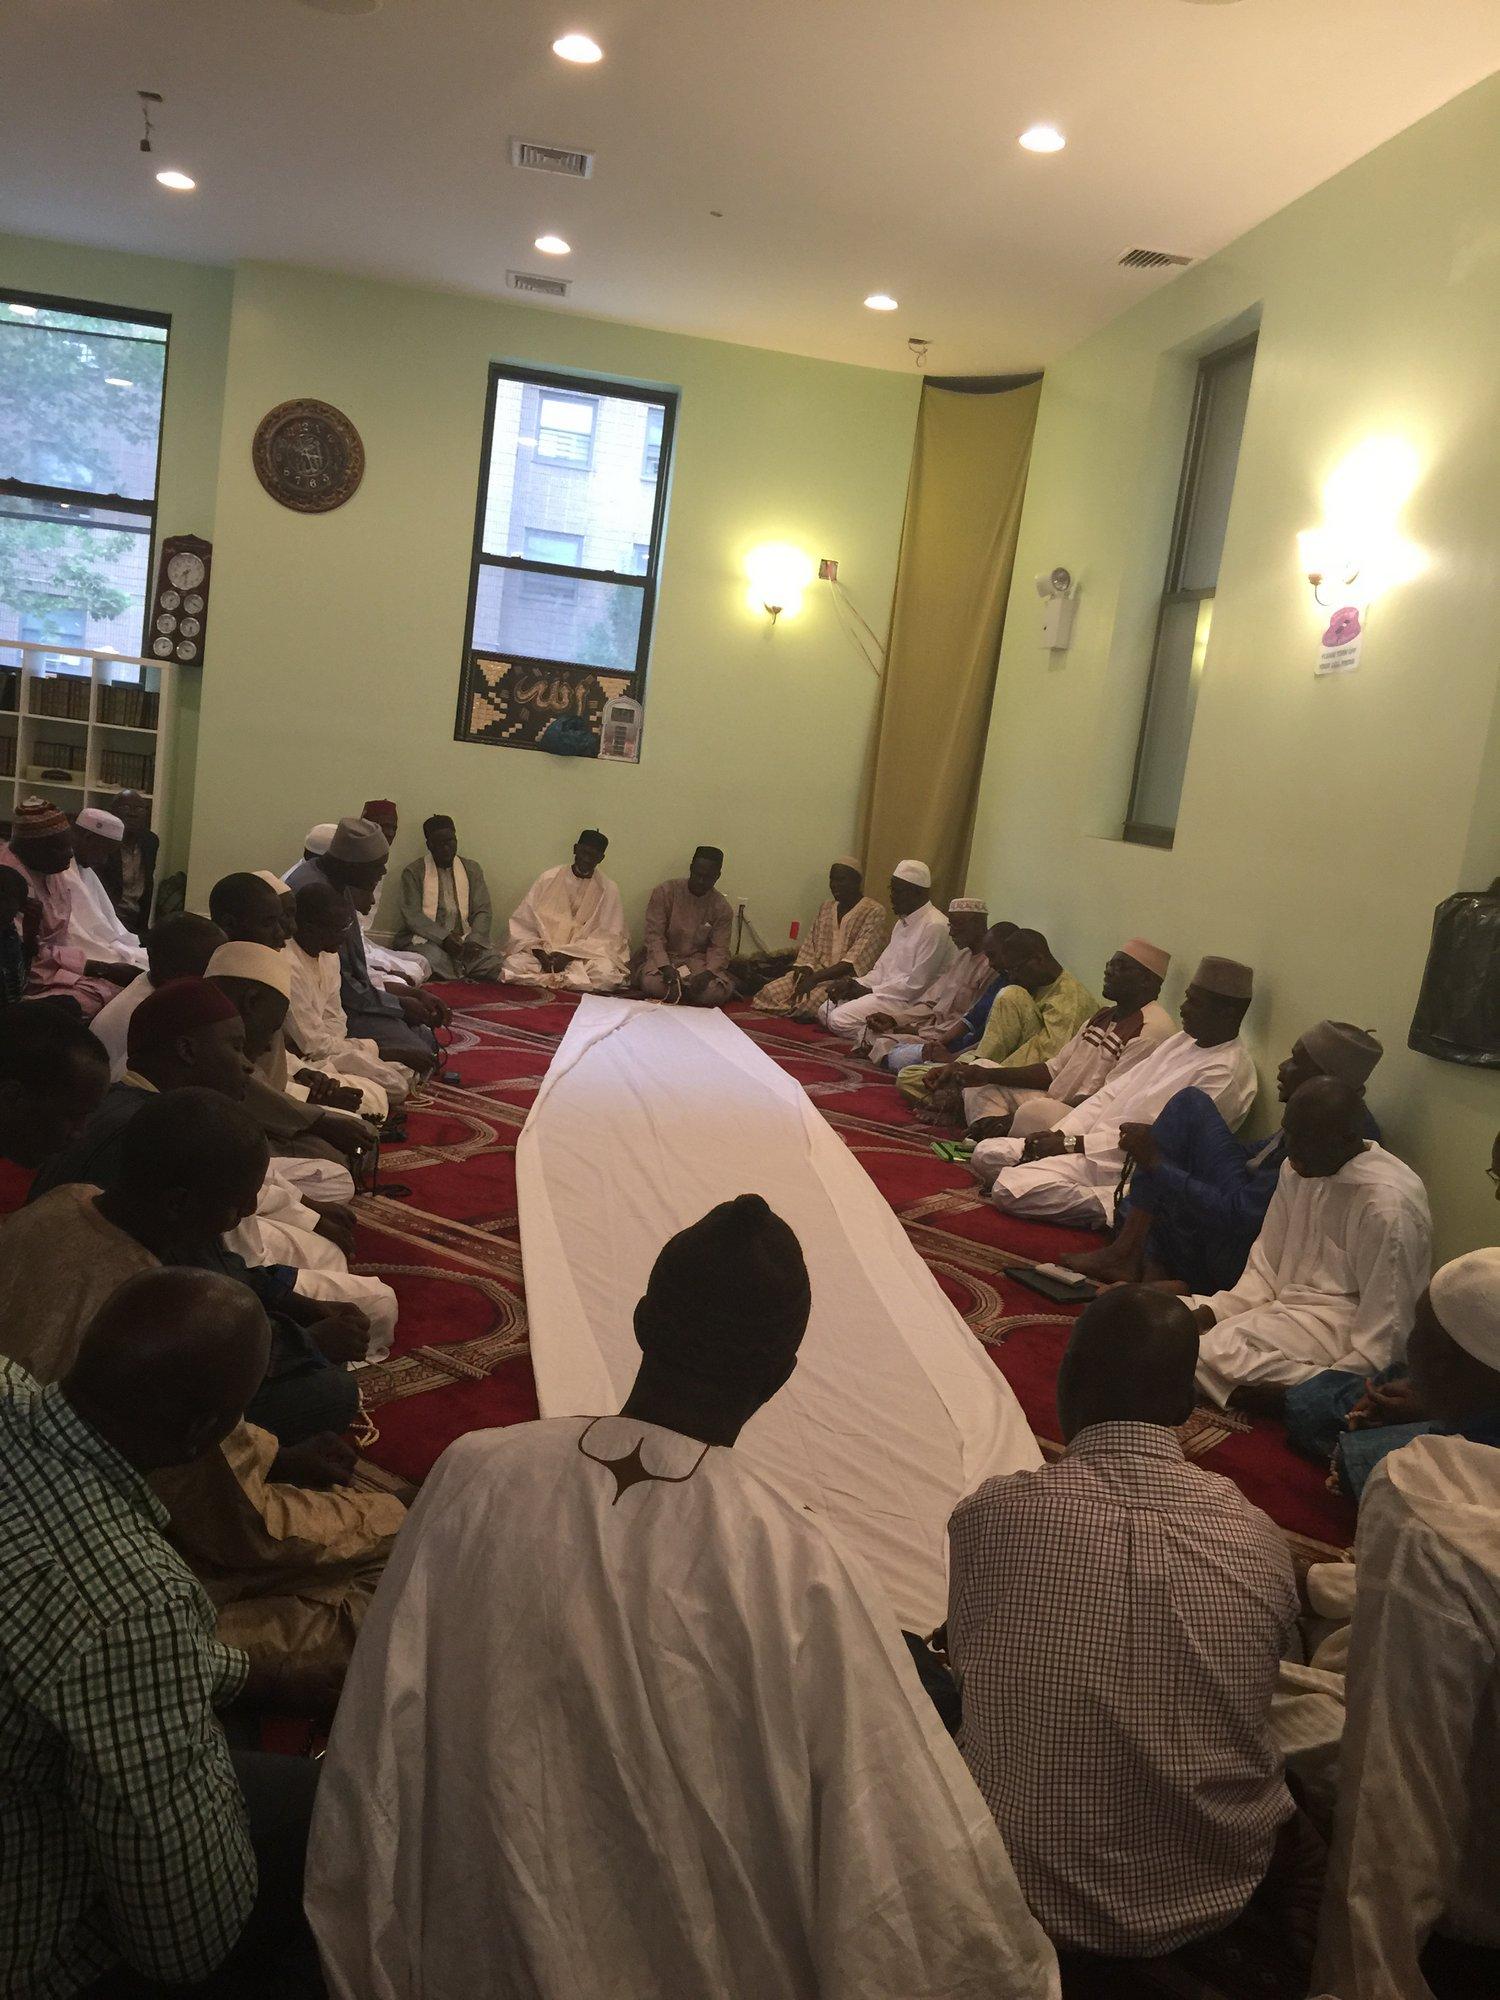 Khadara dirigé par Imam Djibril Diéye, Imam Abdoulaye Diop et Imam Ndongo Sarr